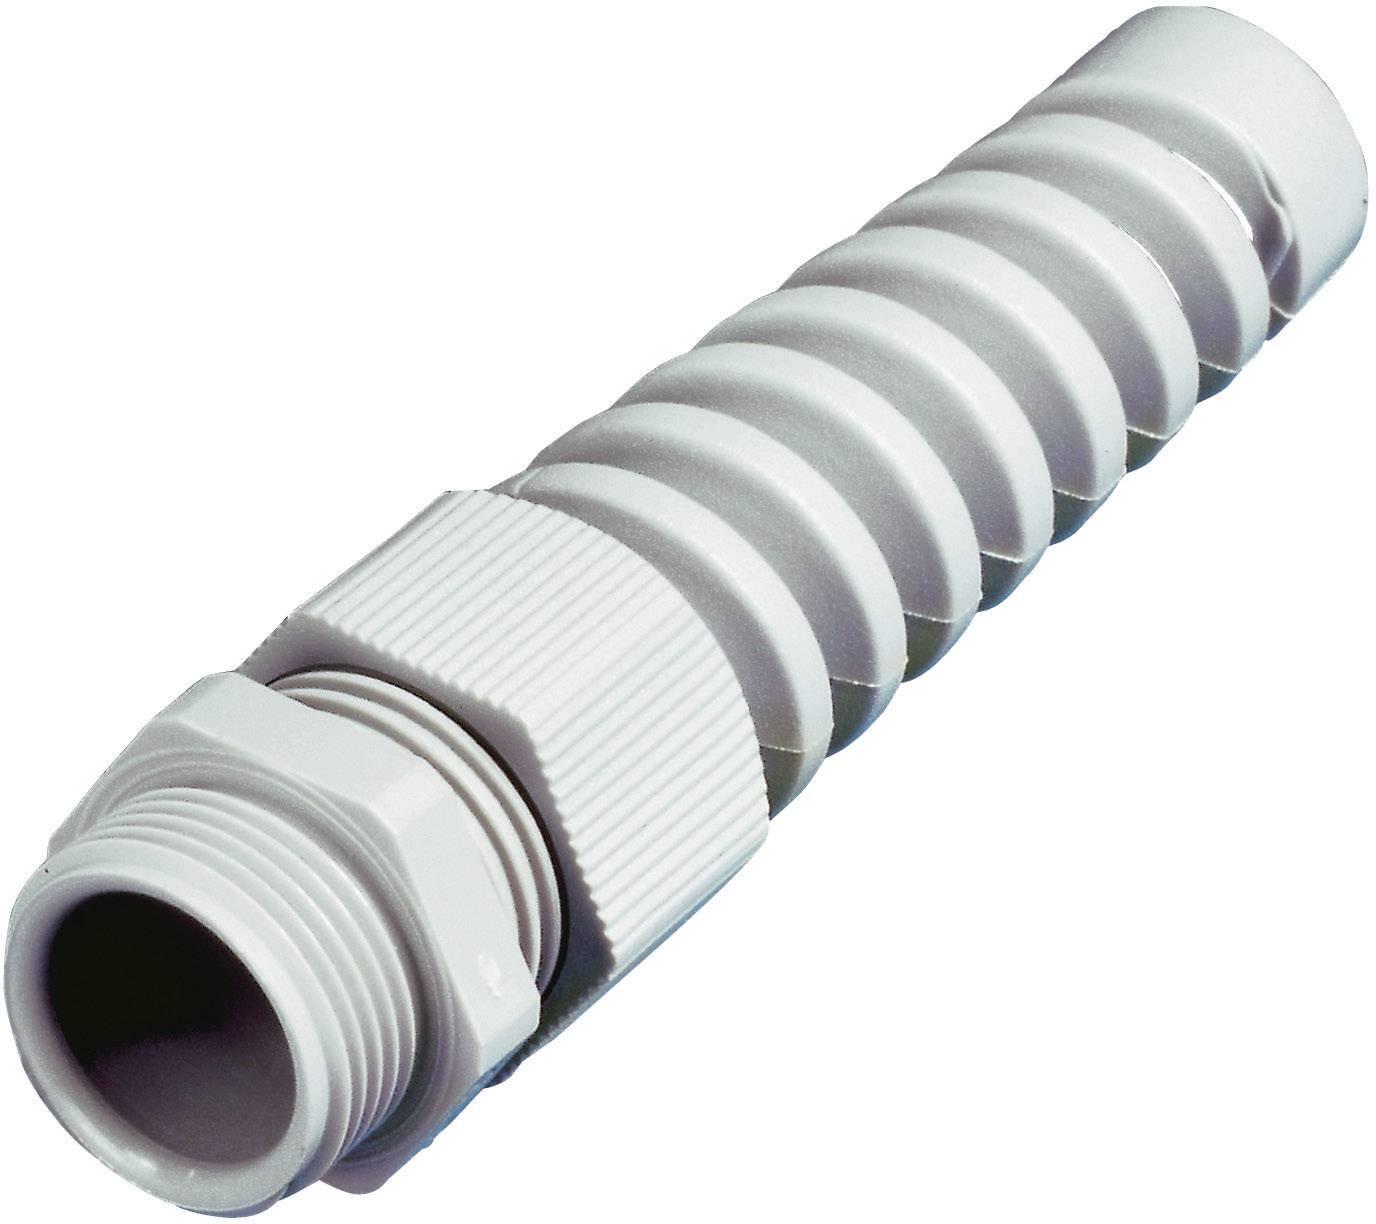 Káblová priechodka Wiska SKVS PG 7 RAL 7035;s odľahčením ťahu, s ochranou pred zlomením, polyamid, svetlo sivá, 1 ks